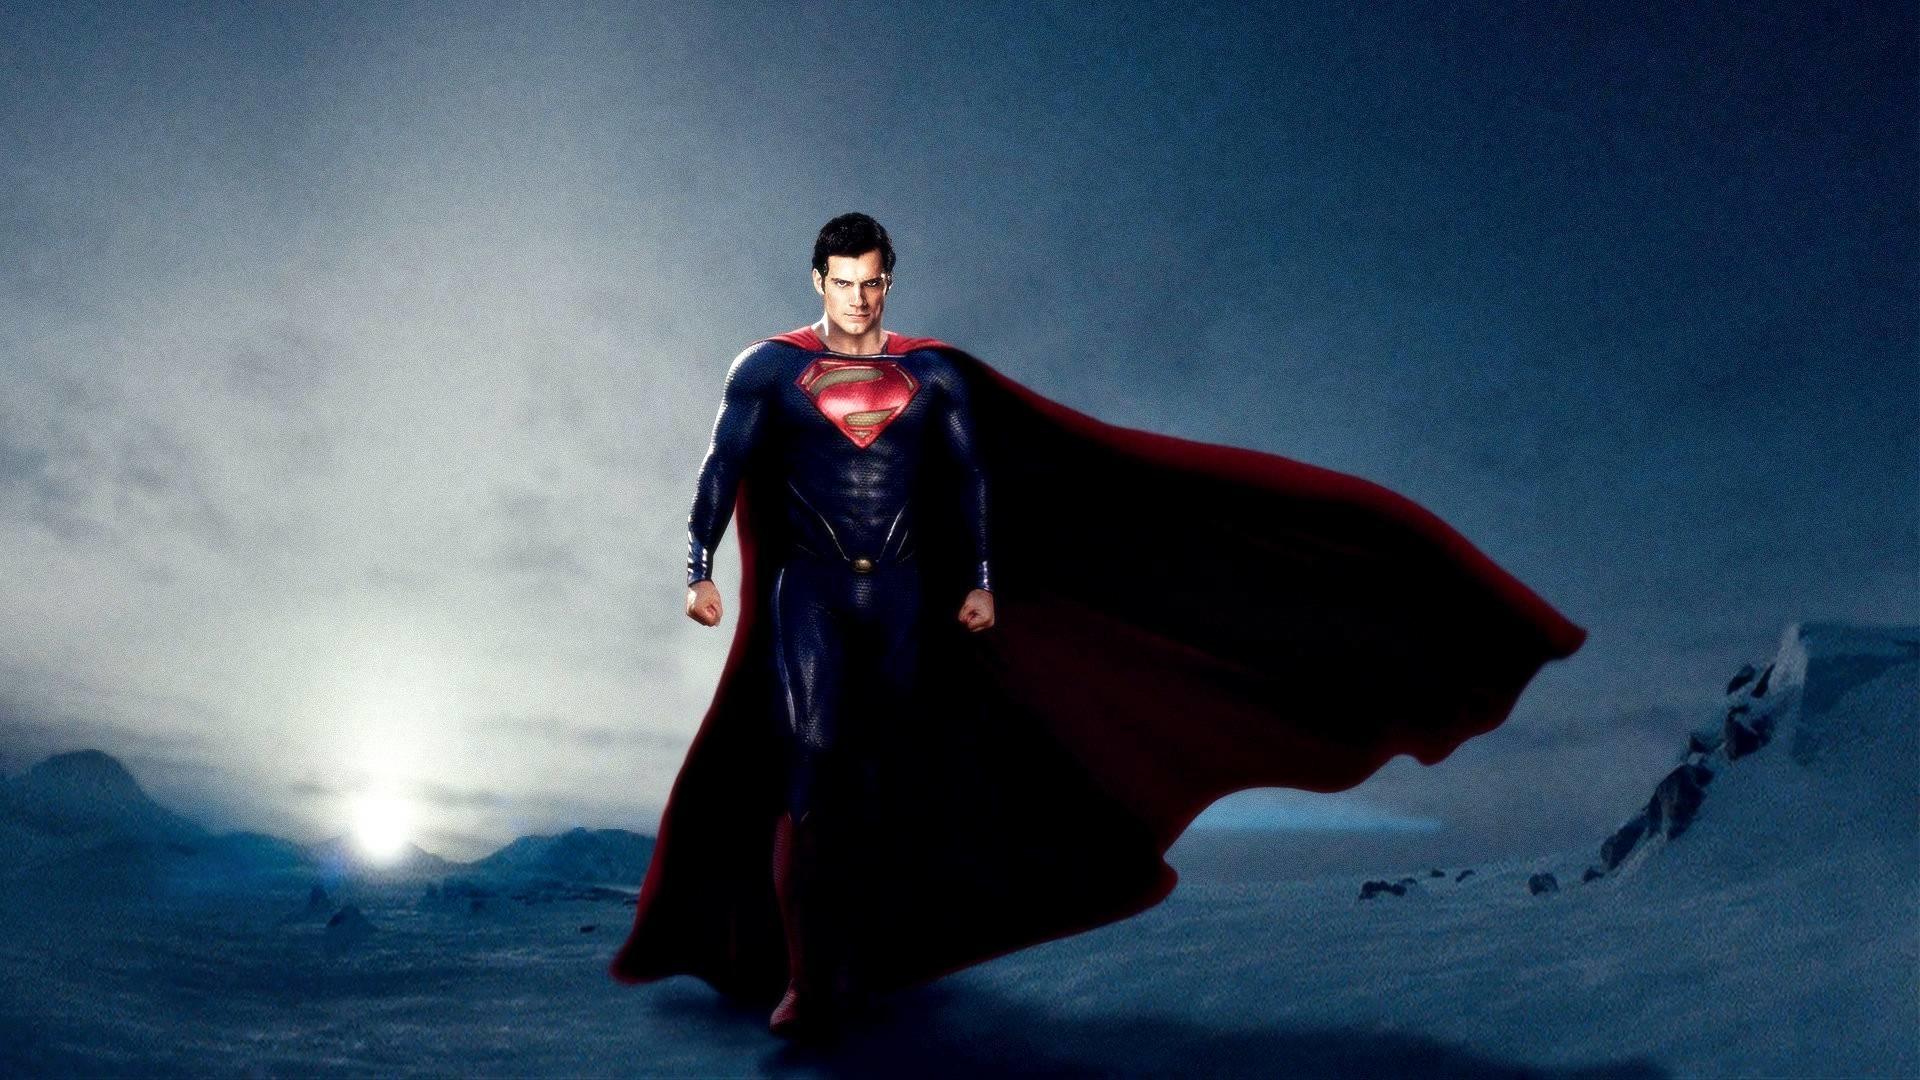 Superman 2013 Wallpapers Desktop